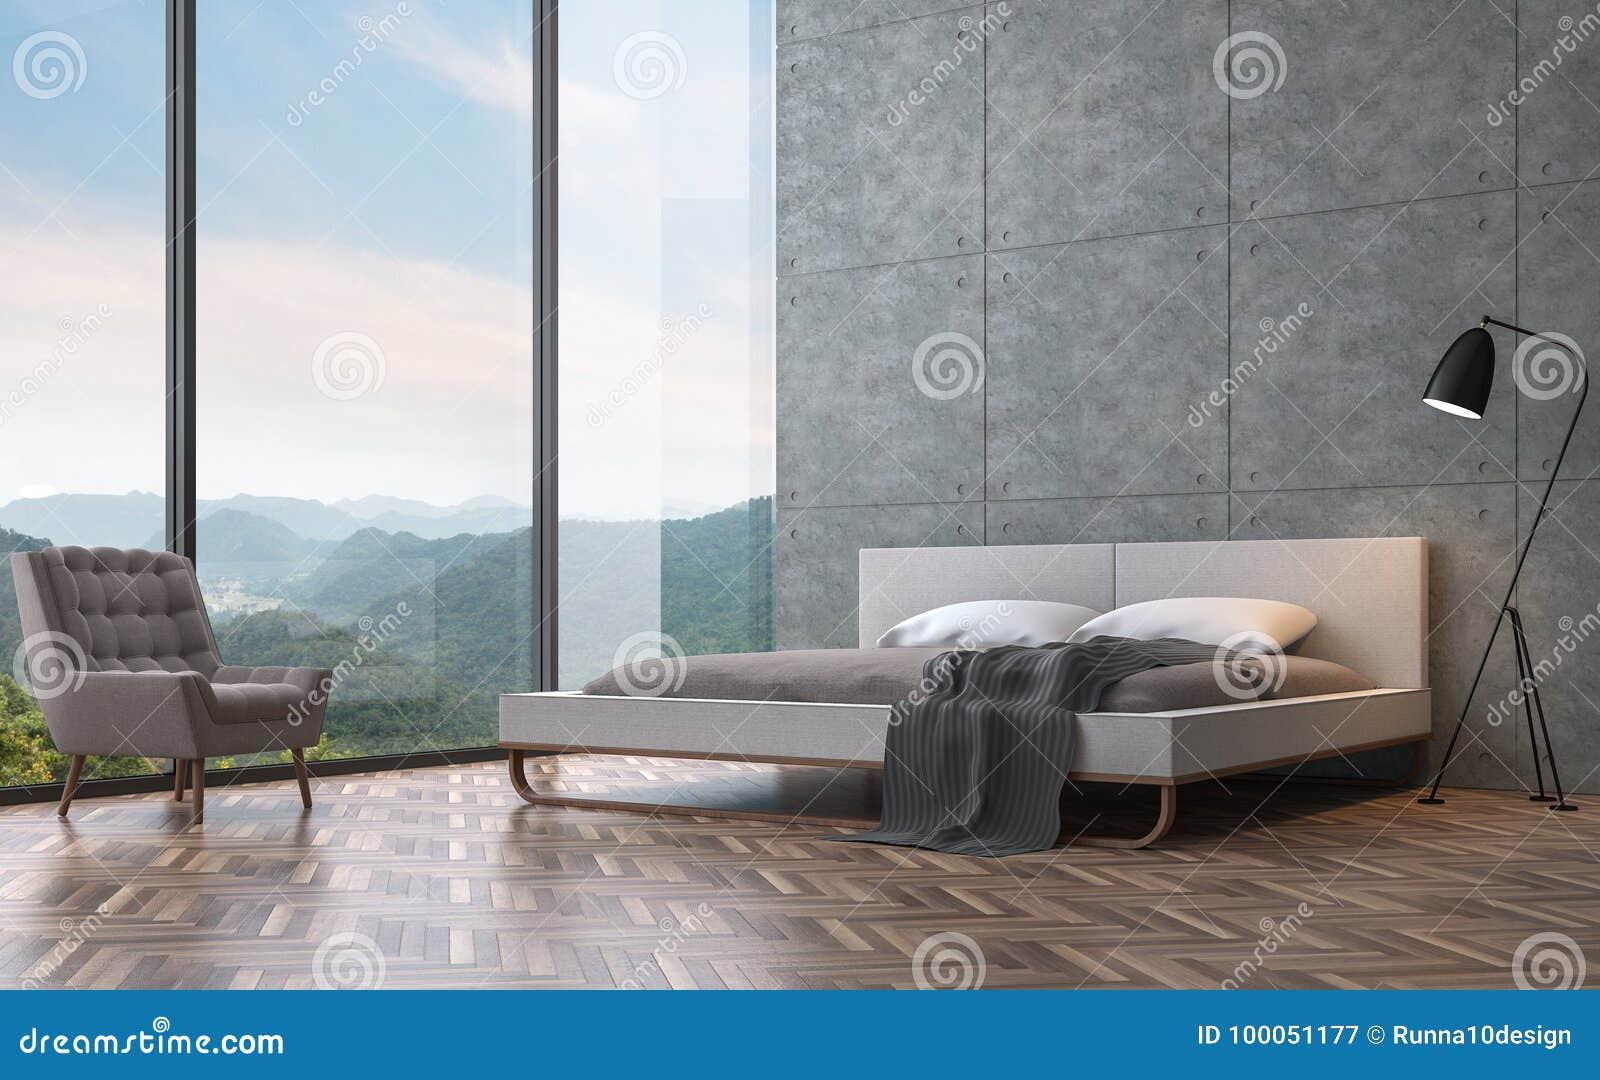 Dormitorio moderno del estilo del desván con imagen de la representación del Mountain View 3D